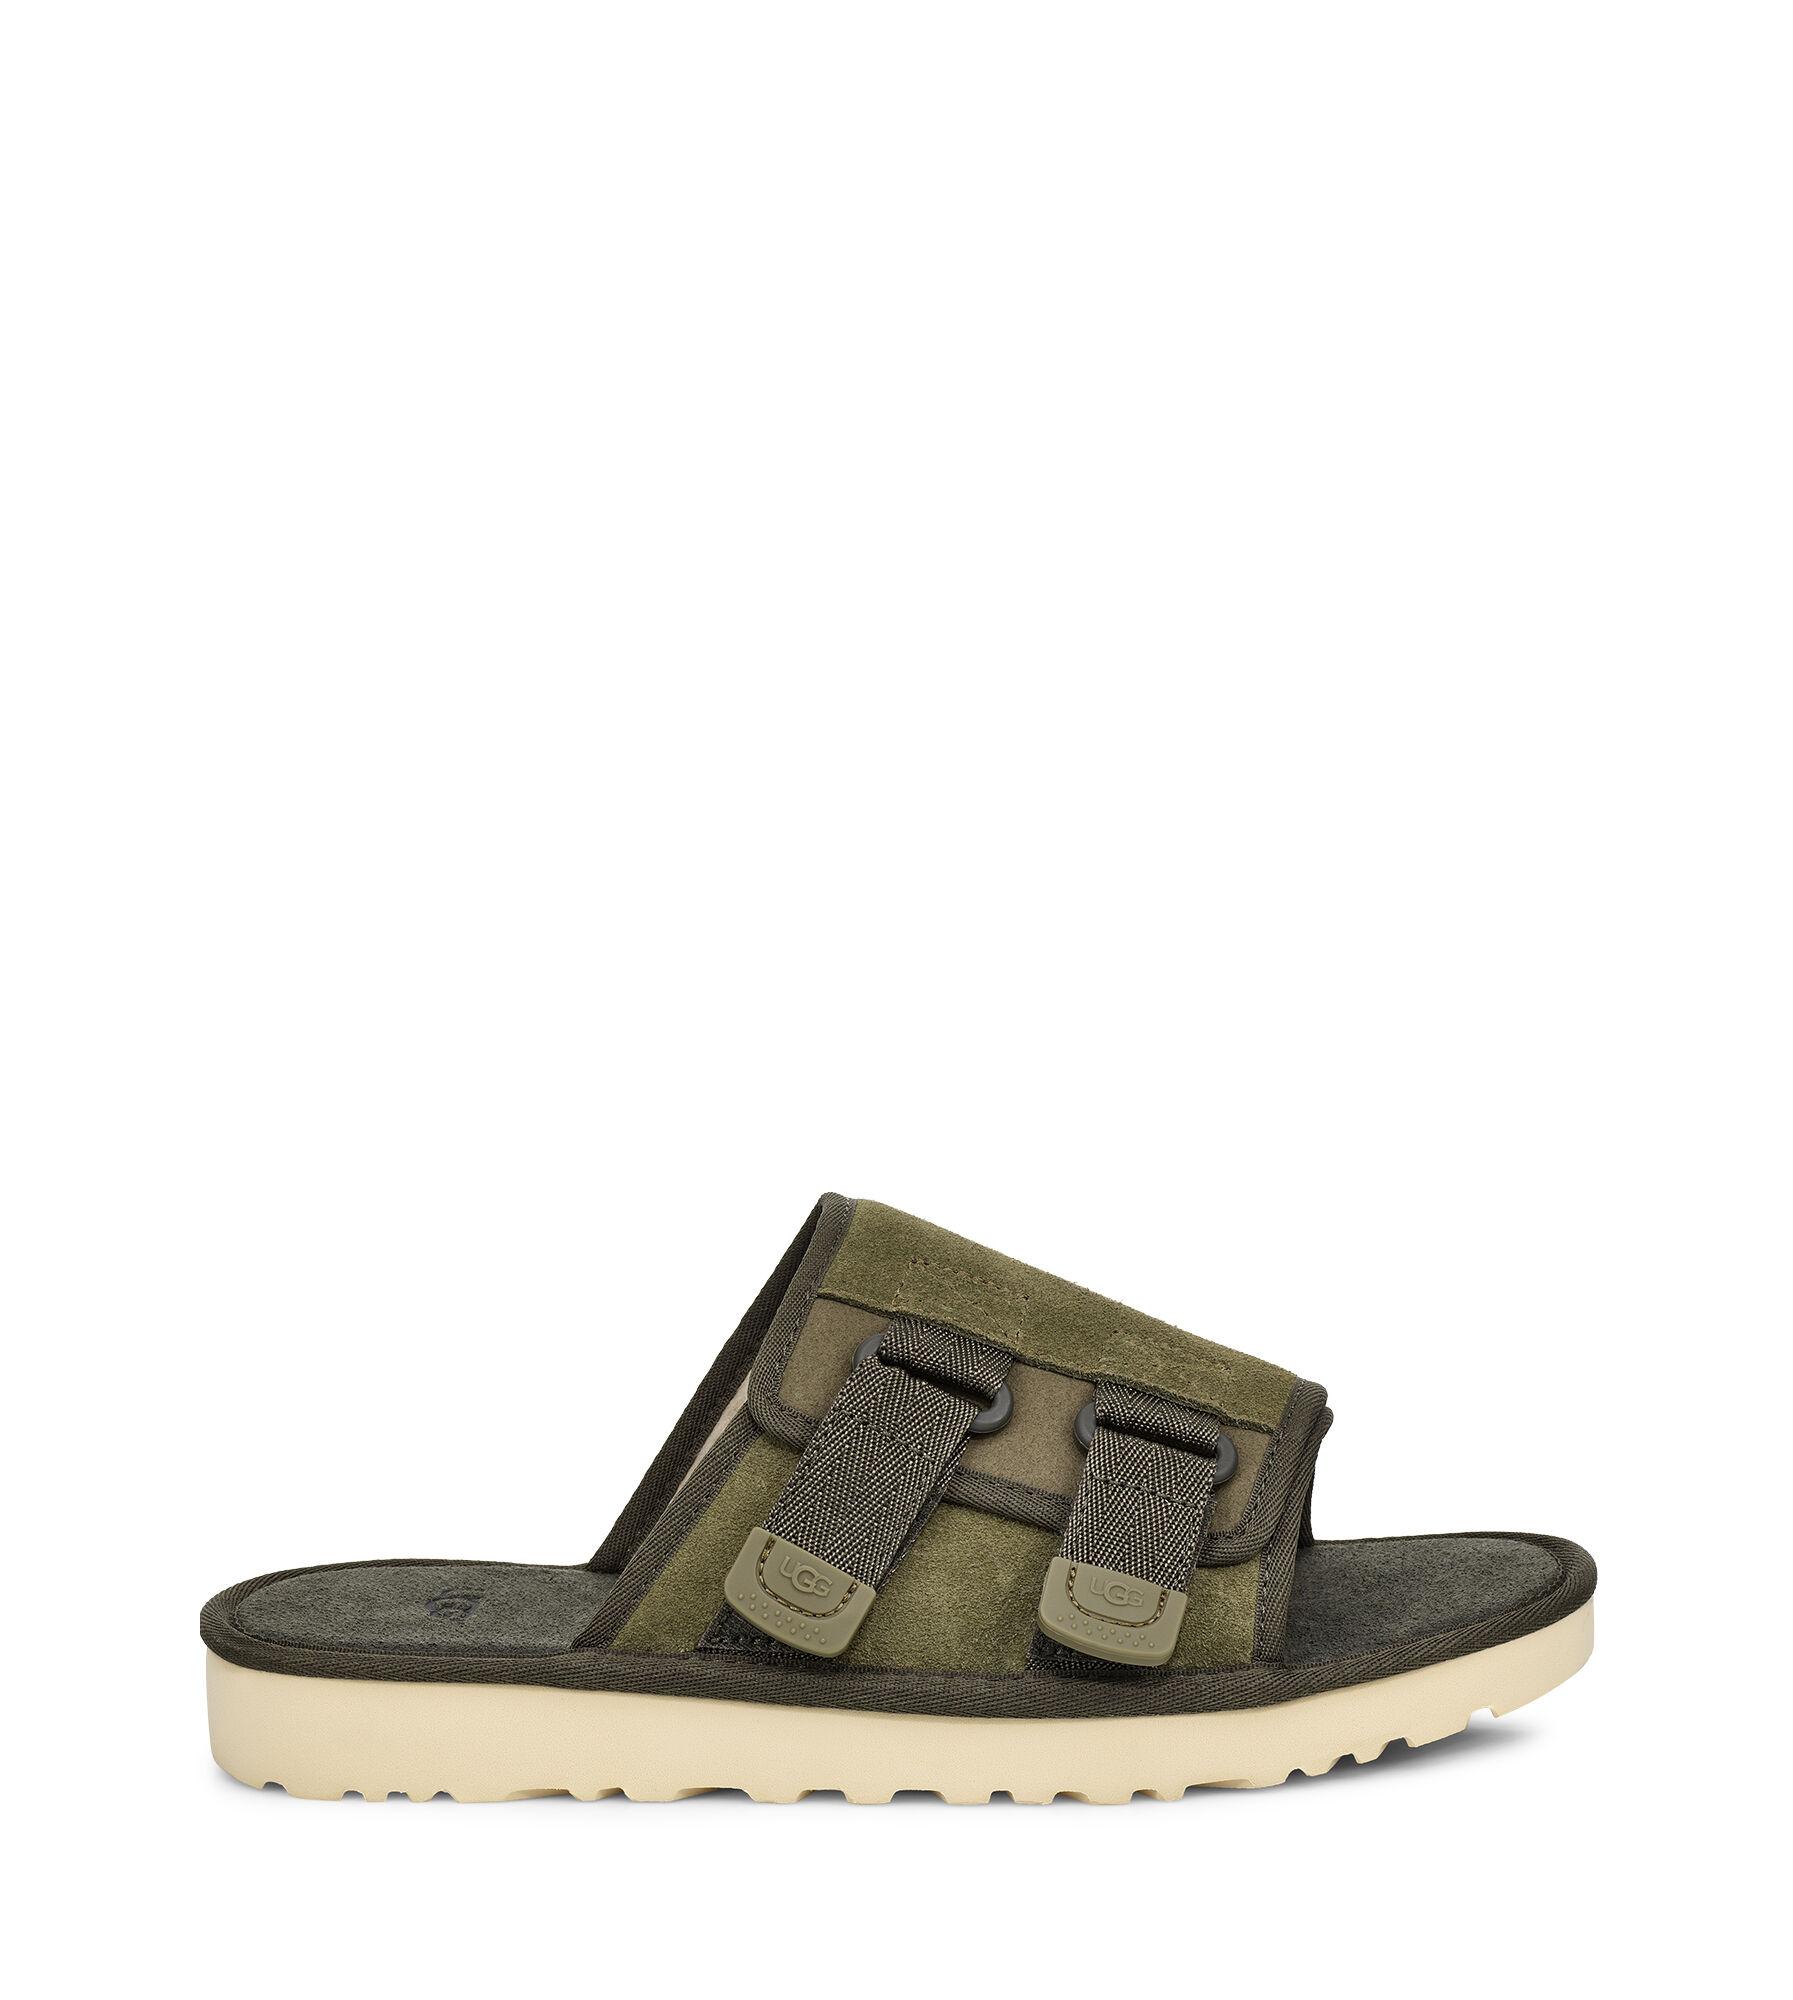 SummerUgg® Men's For Official Flip Slides SandalsShop Flopsamp; Aj345RL